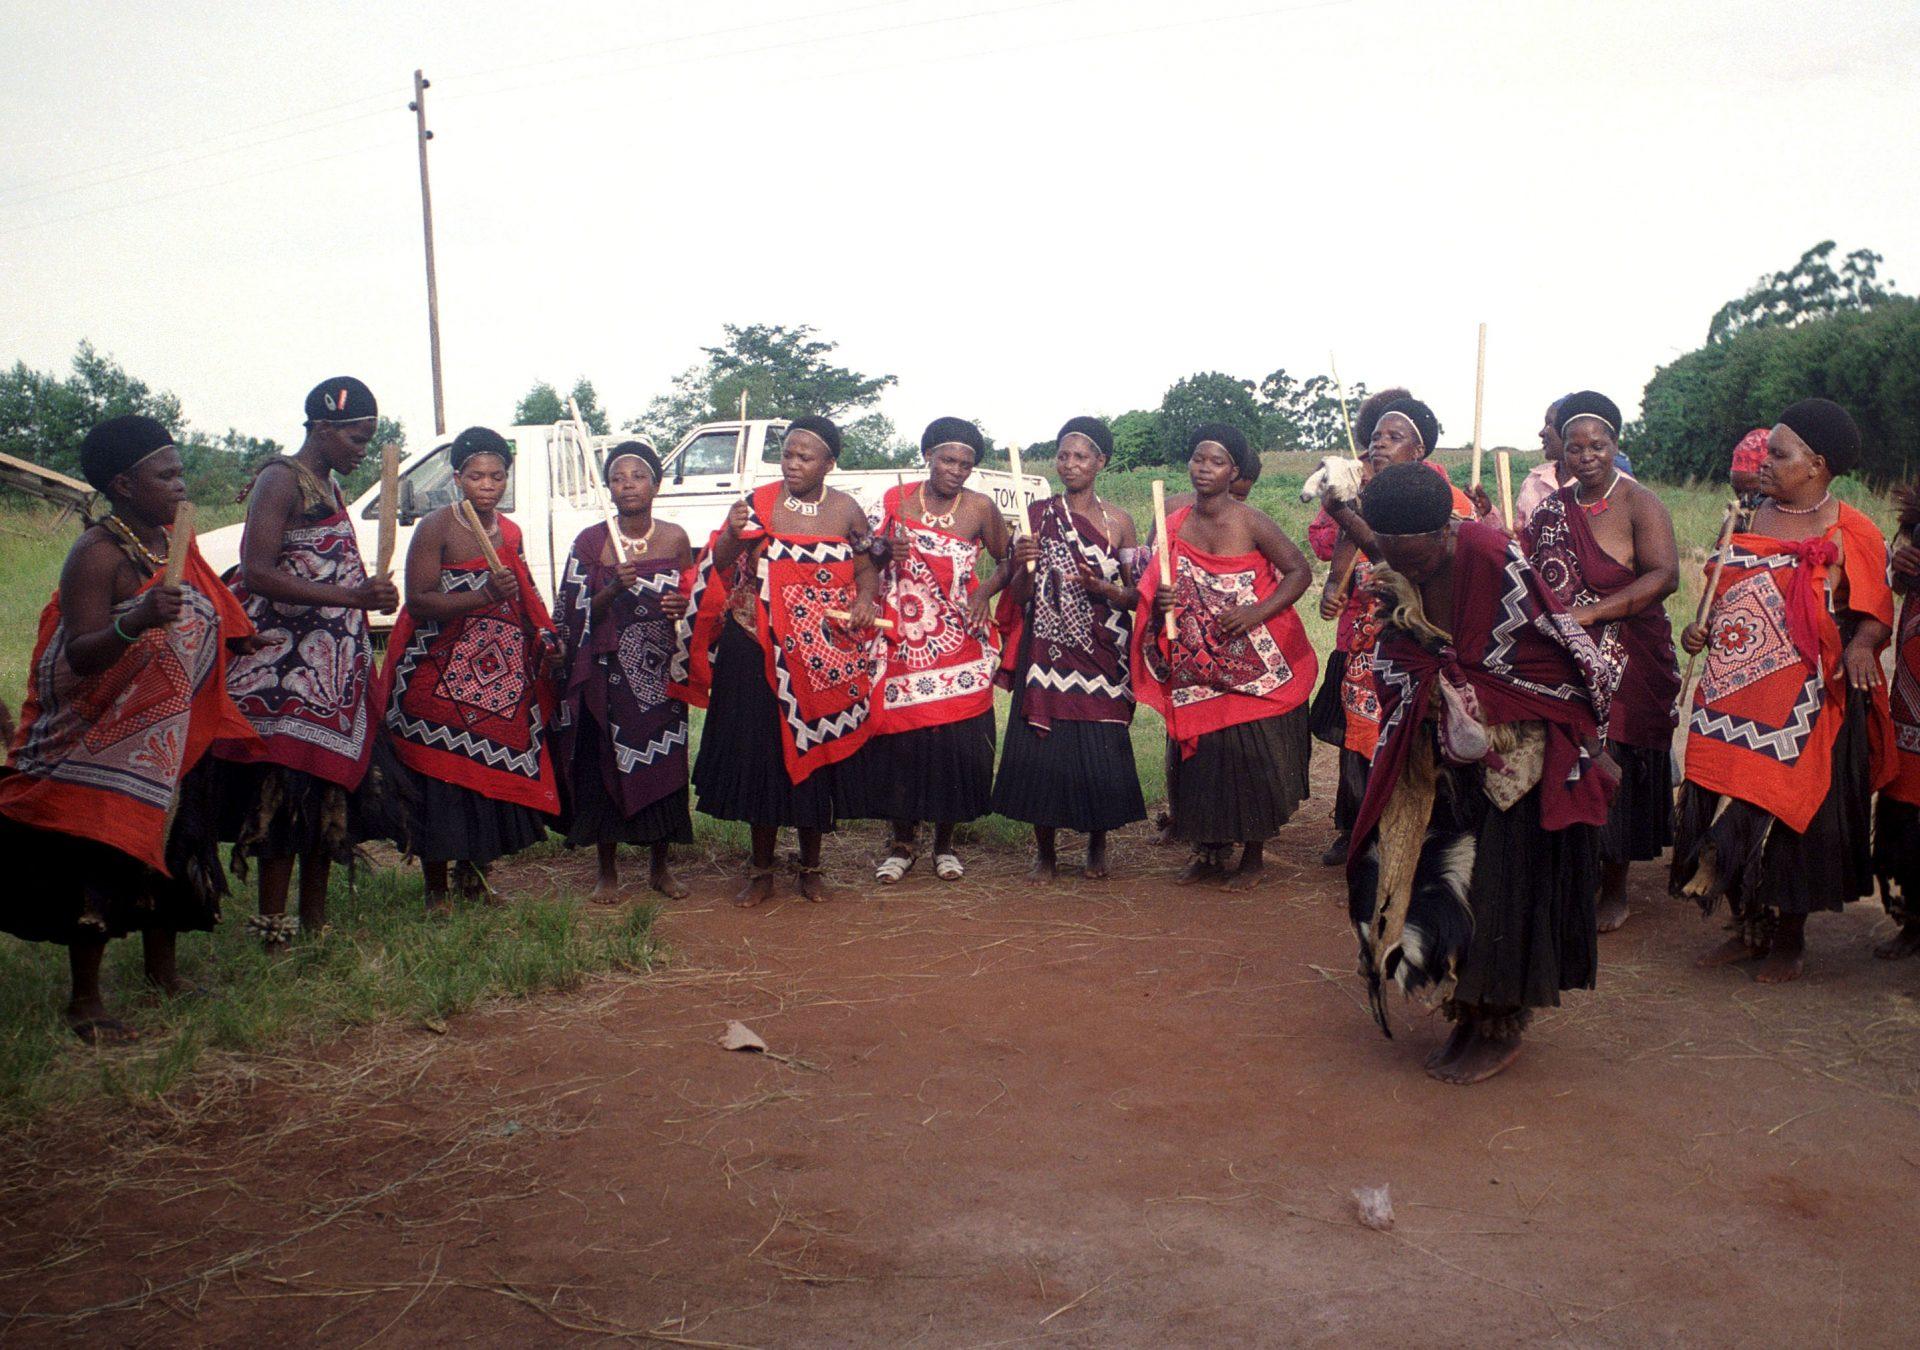 Universidade da Suazilândia prepara primeira licenciatura em português